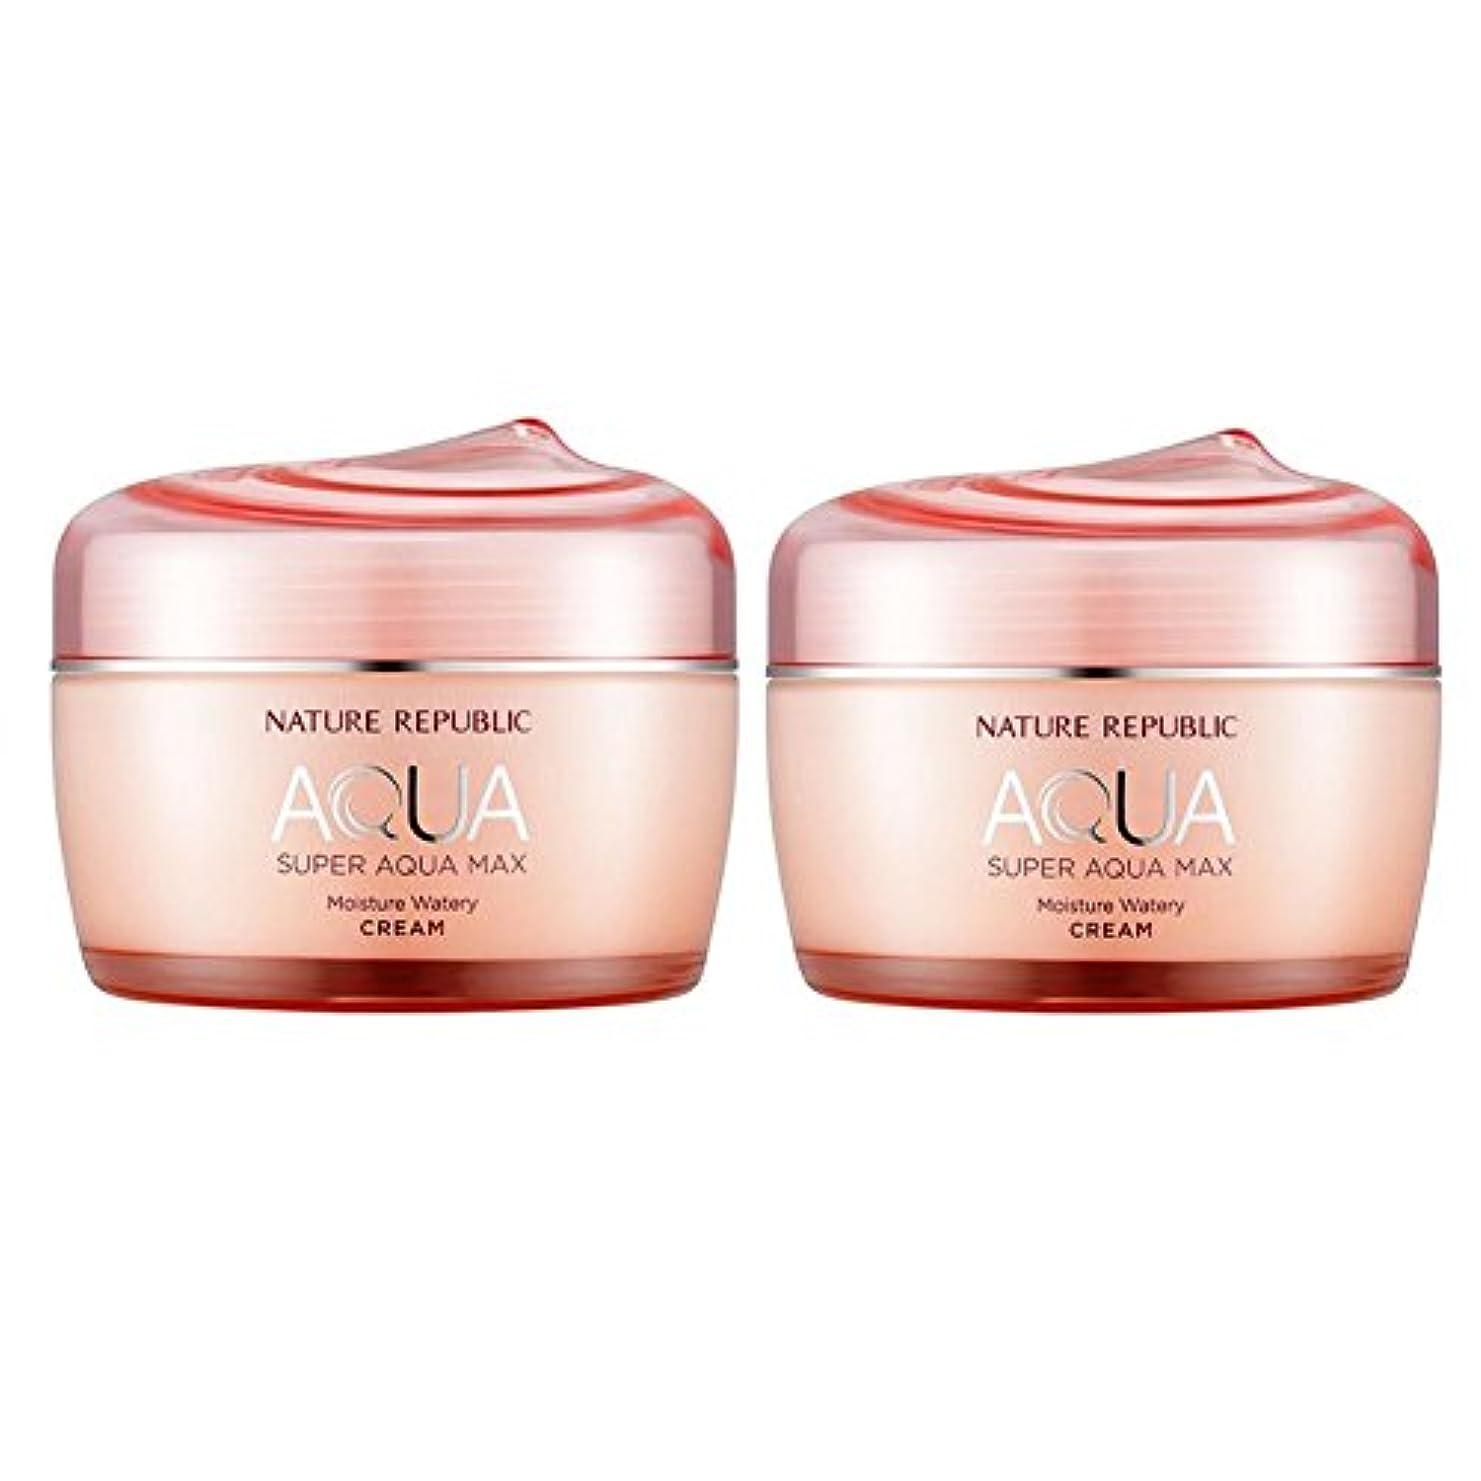 クローンリブ枠ネイチャーリパブリックスーパーアクア?マックスモイスチャー水分クリーム乾性用肌80ml x 2本セット、韓国化粧品 Nature Republic Super Aqua Max Moisture Cream Dry Skin...